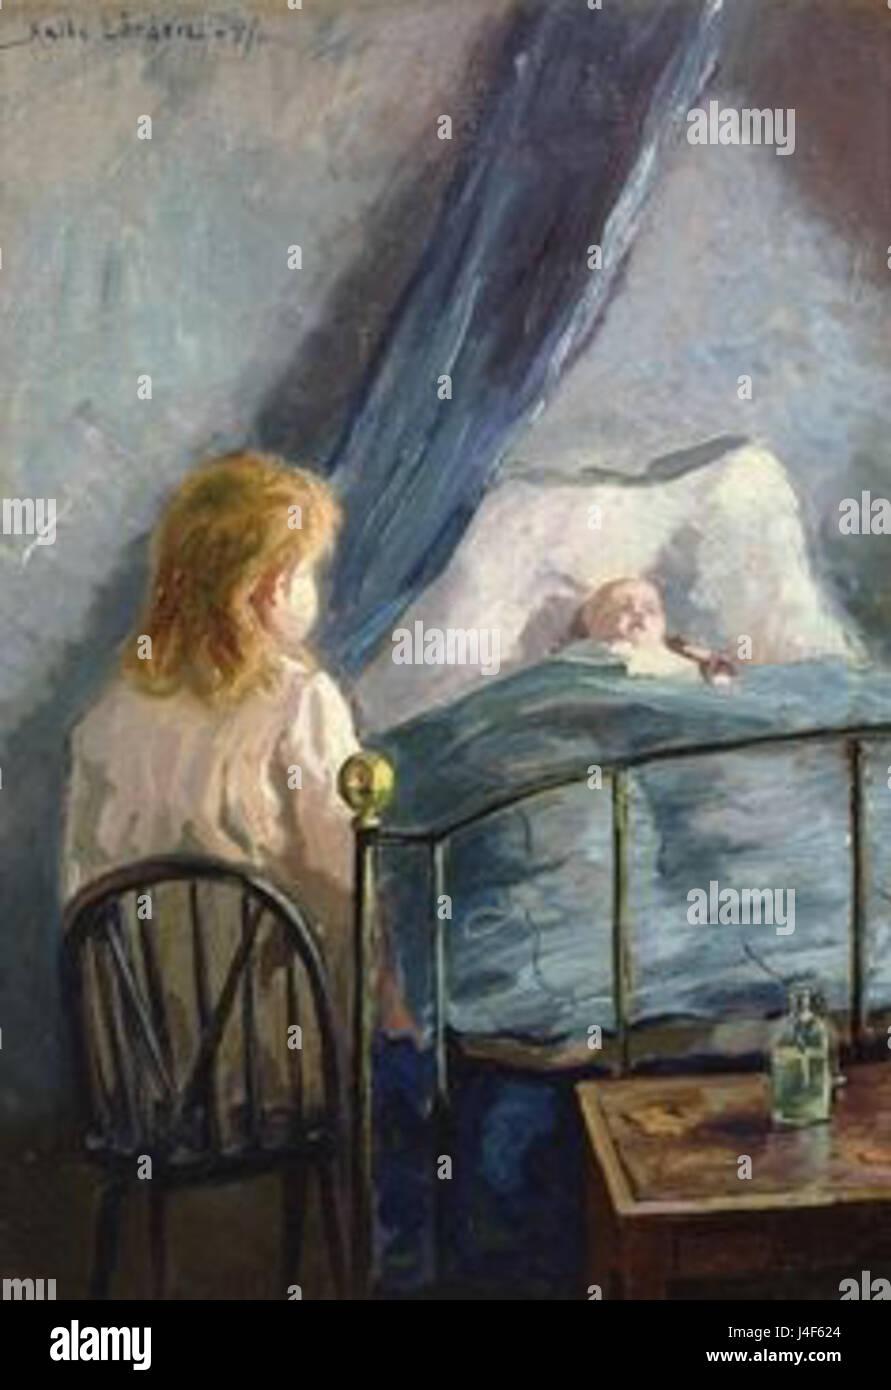 Kalle Lochen  Siblings - Stock Image